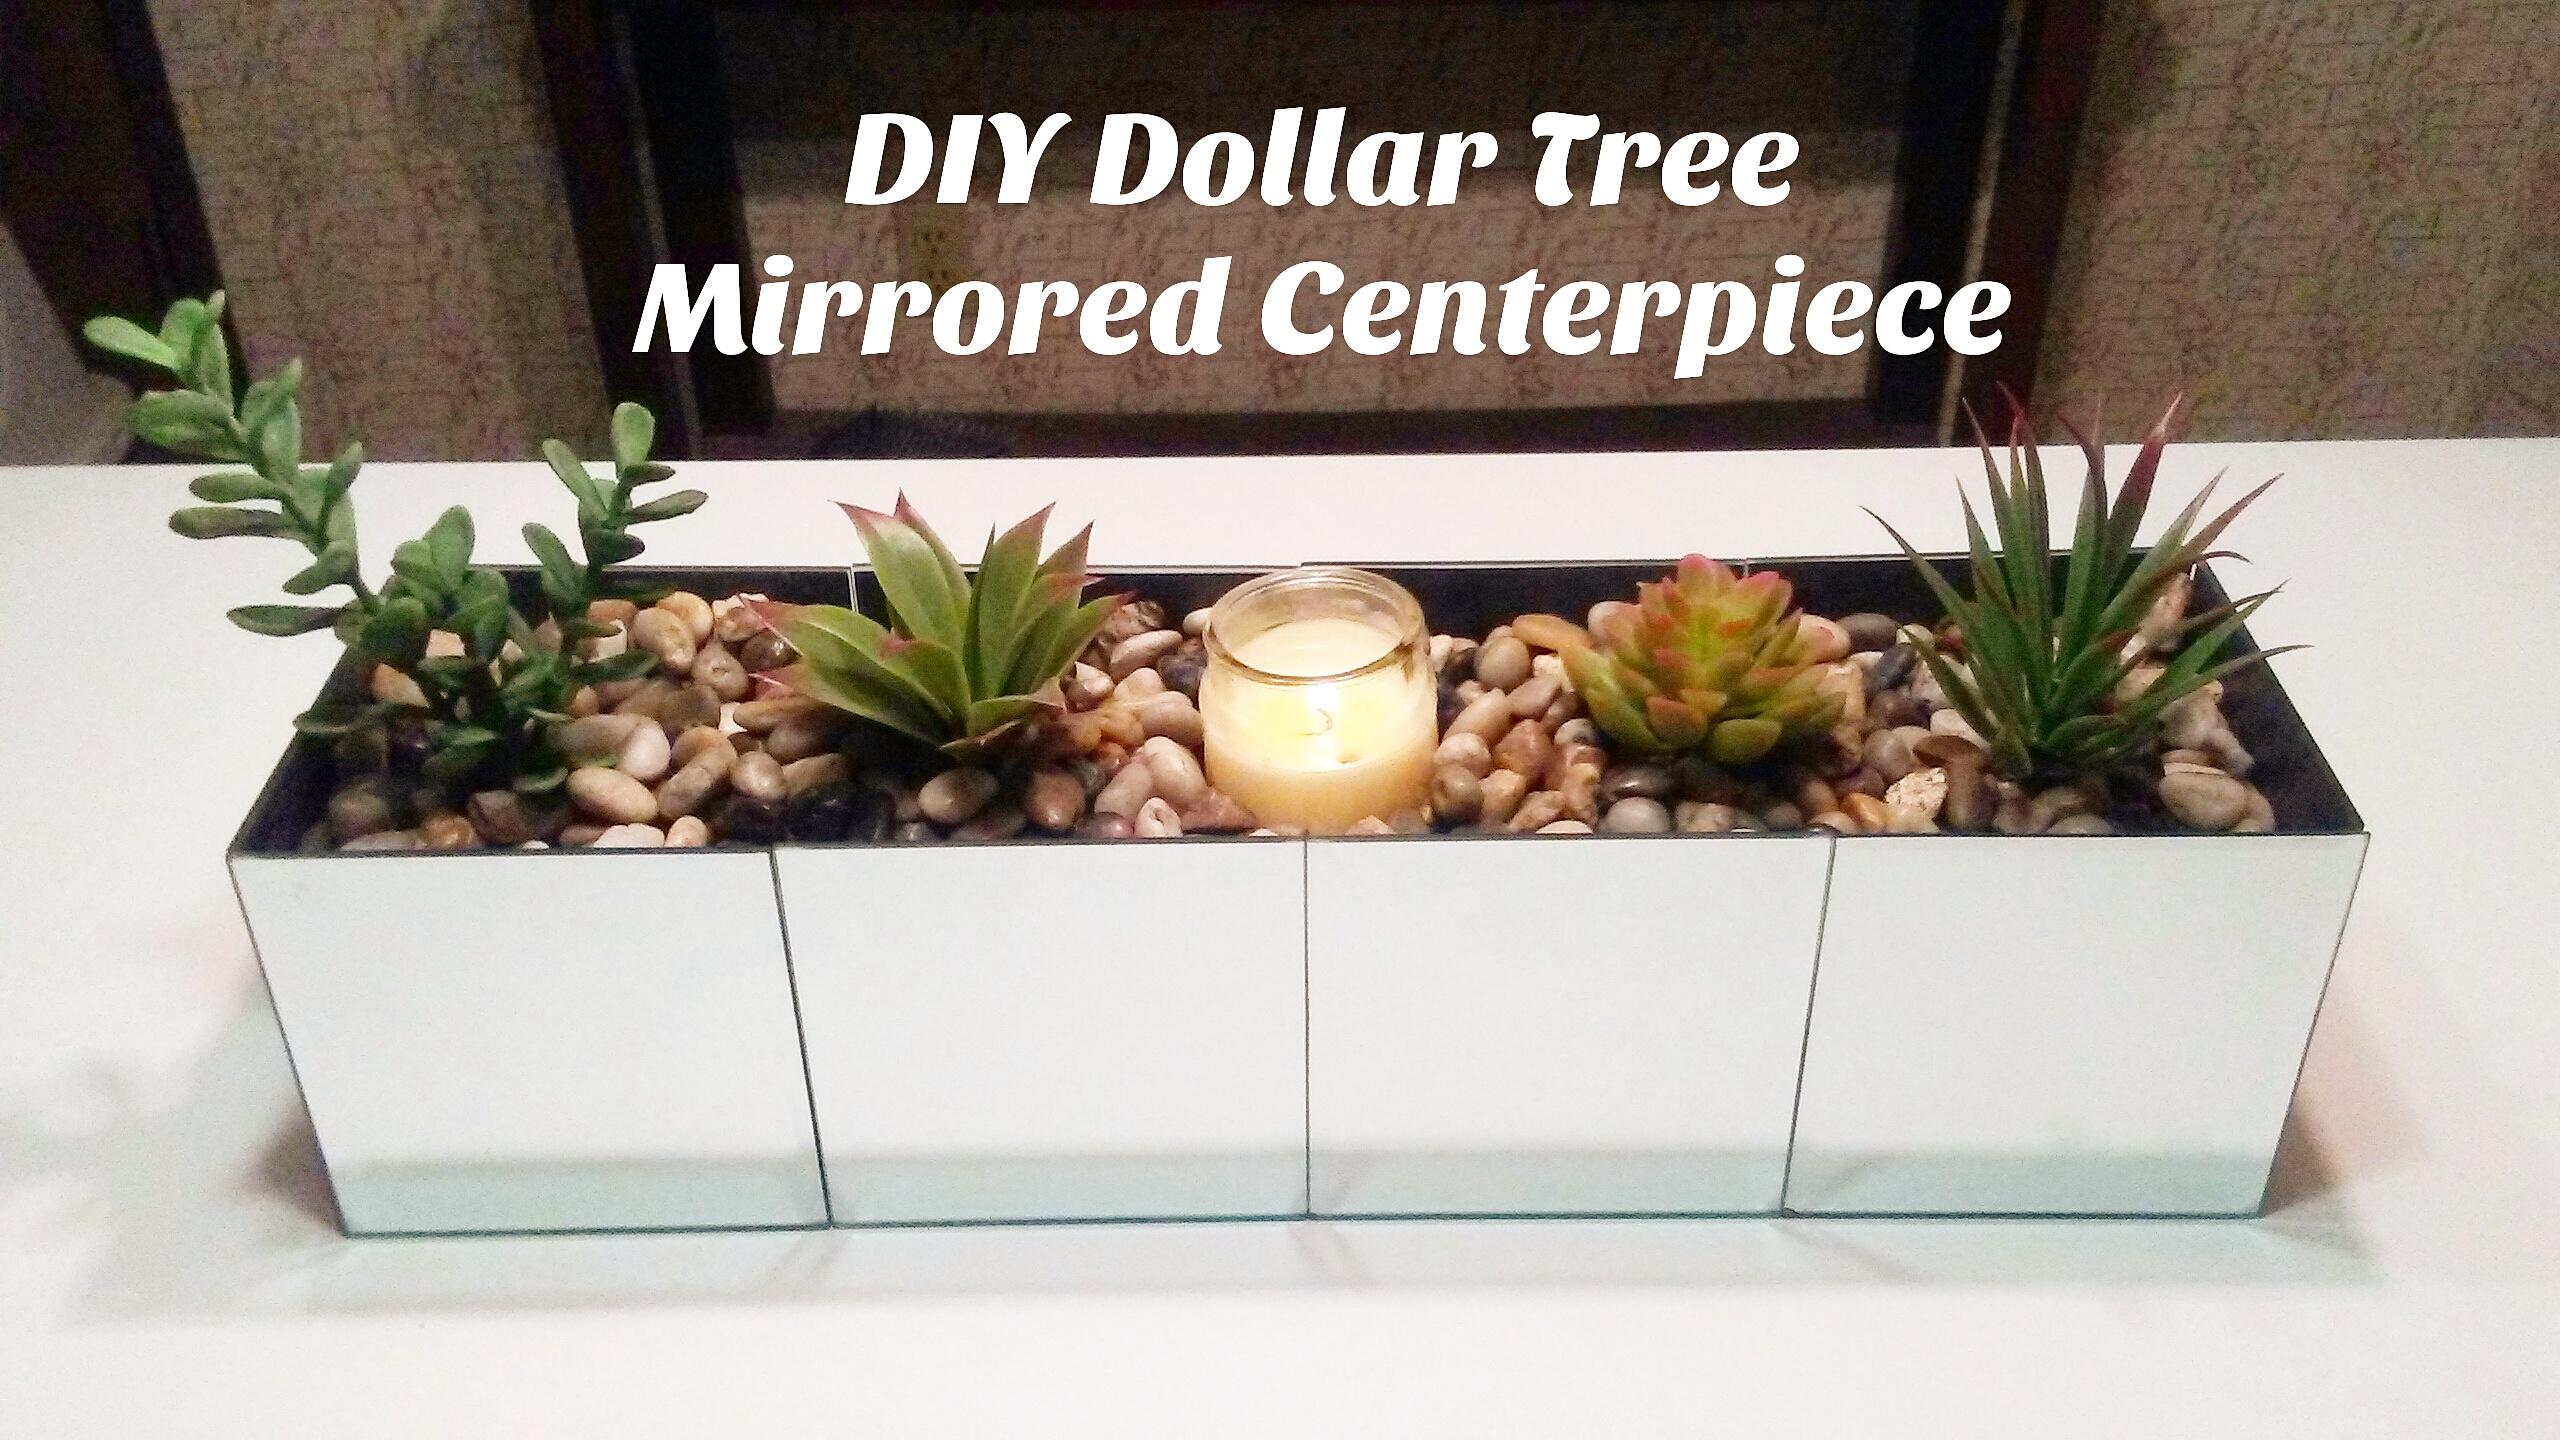 Diy Dollar Tree Mirrored Centerpiece Dive Into Diy